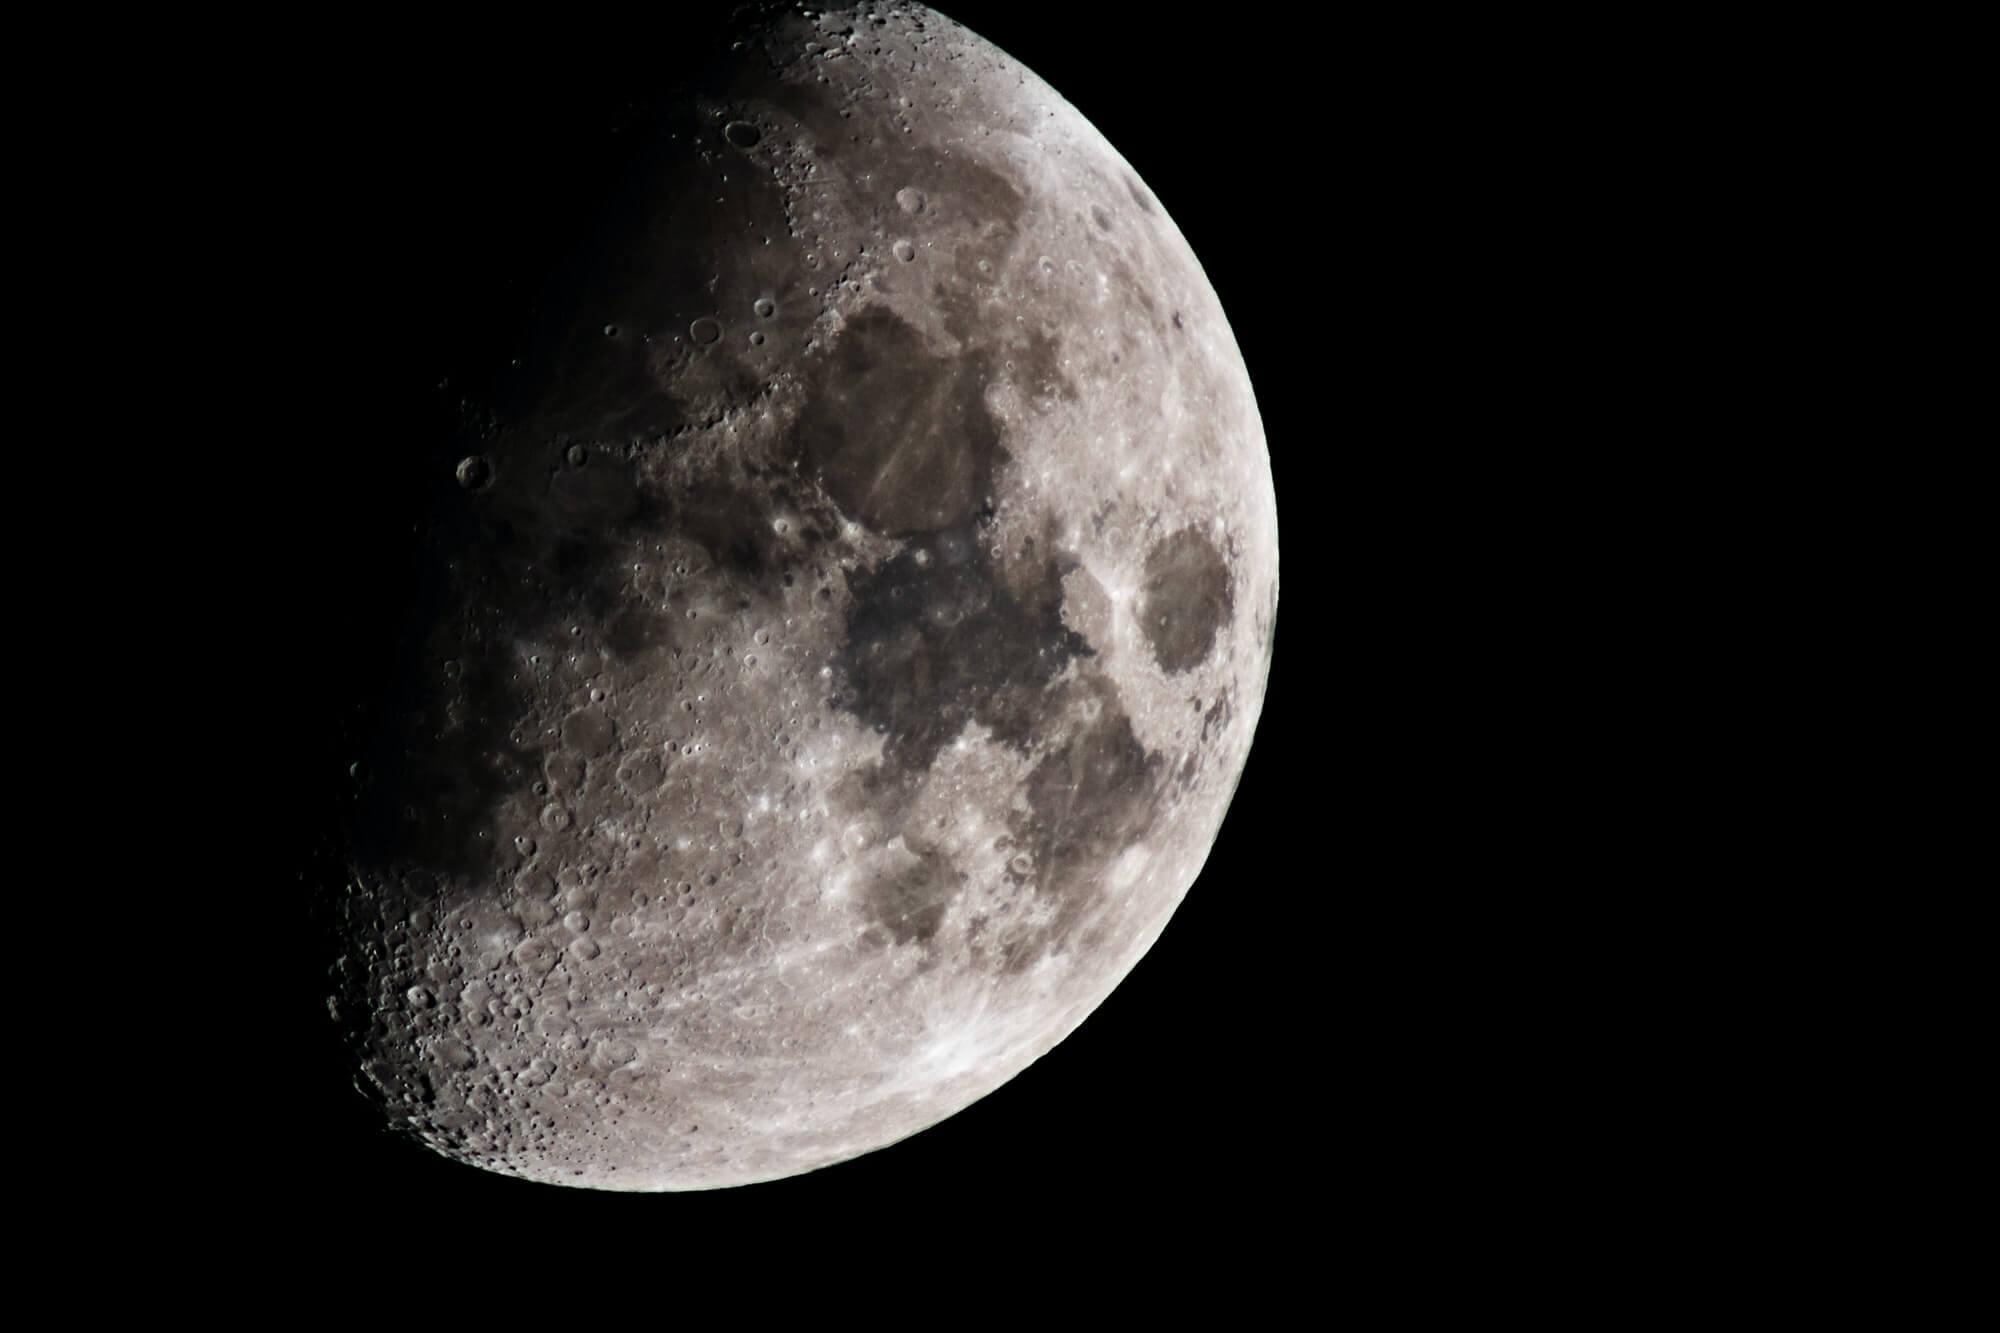 Auf dem Mond hat's geknallt